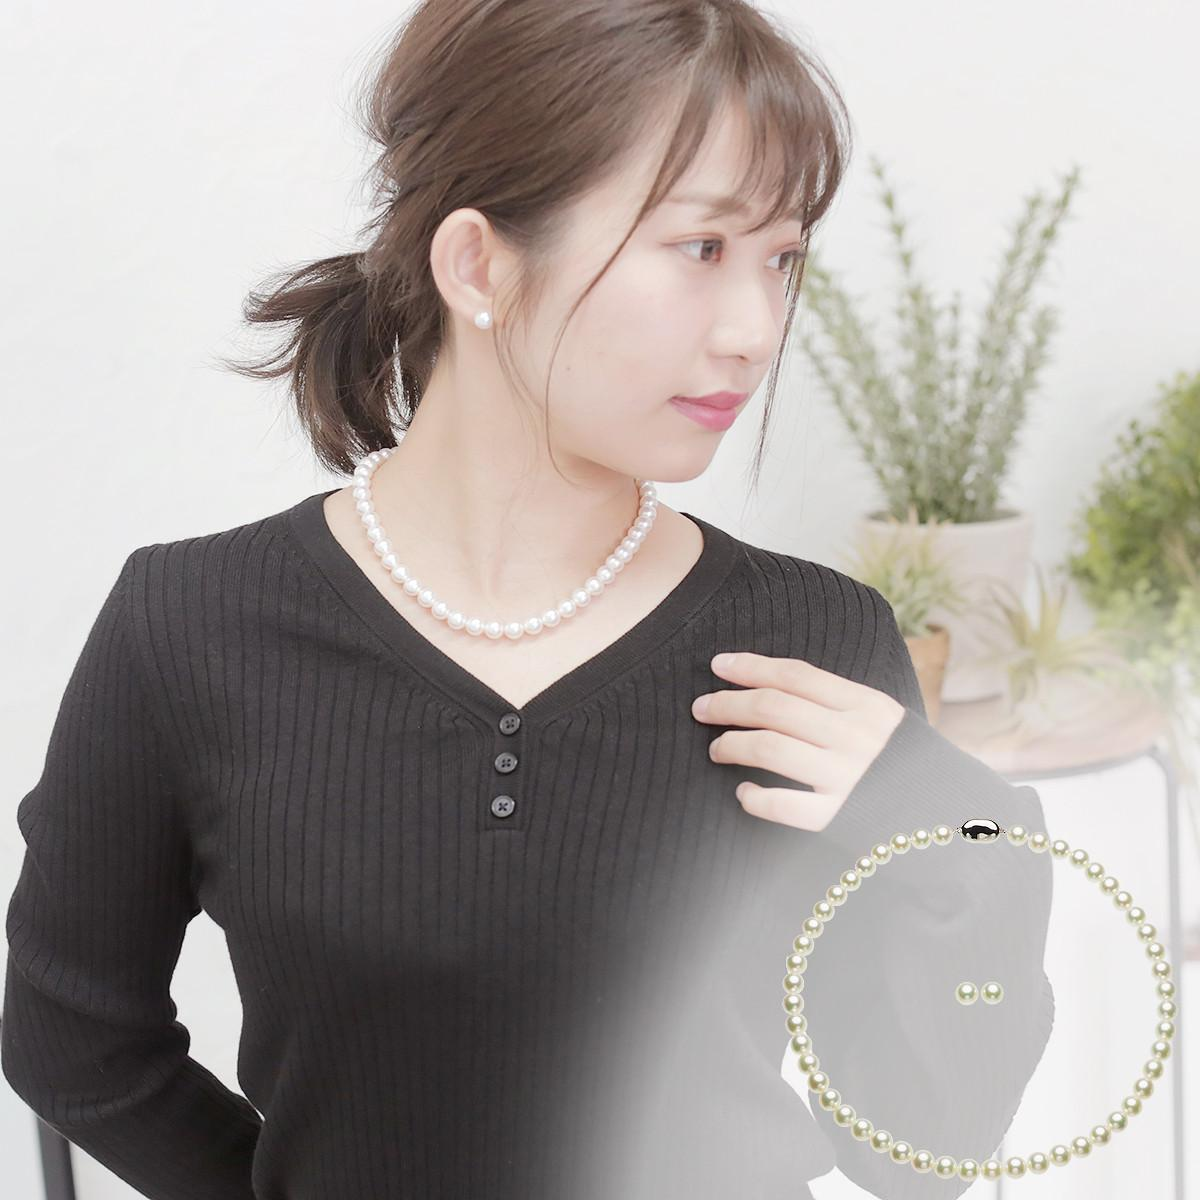 アコヤ オーロラ 花珠 真珠 フォーマル セット 約8.0-8.5mmの写真